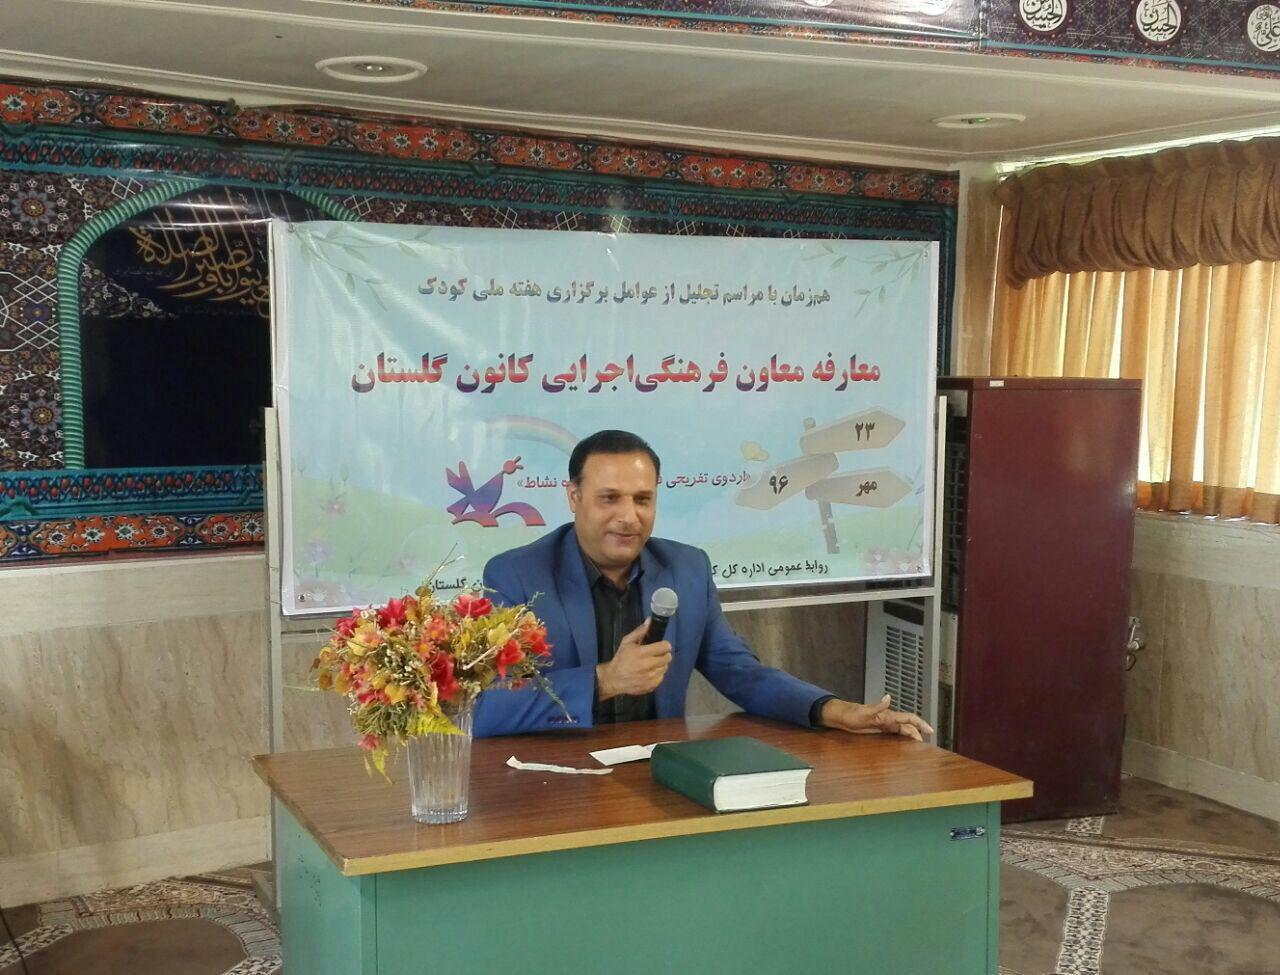 قربانعلی بذرافشان - رییس آموزش و پرورش آزادشهر